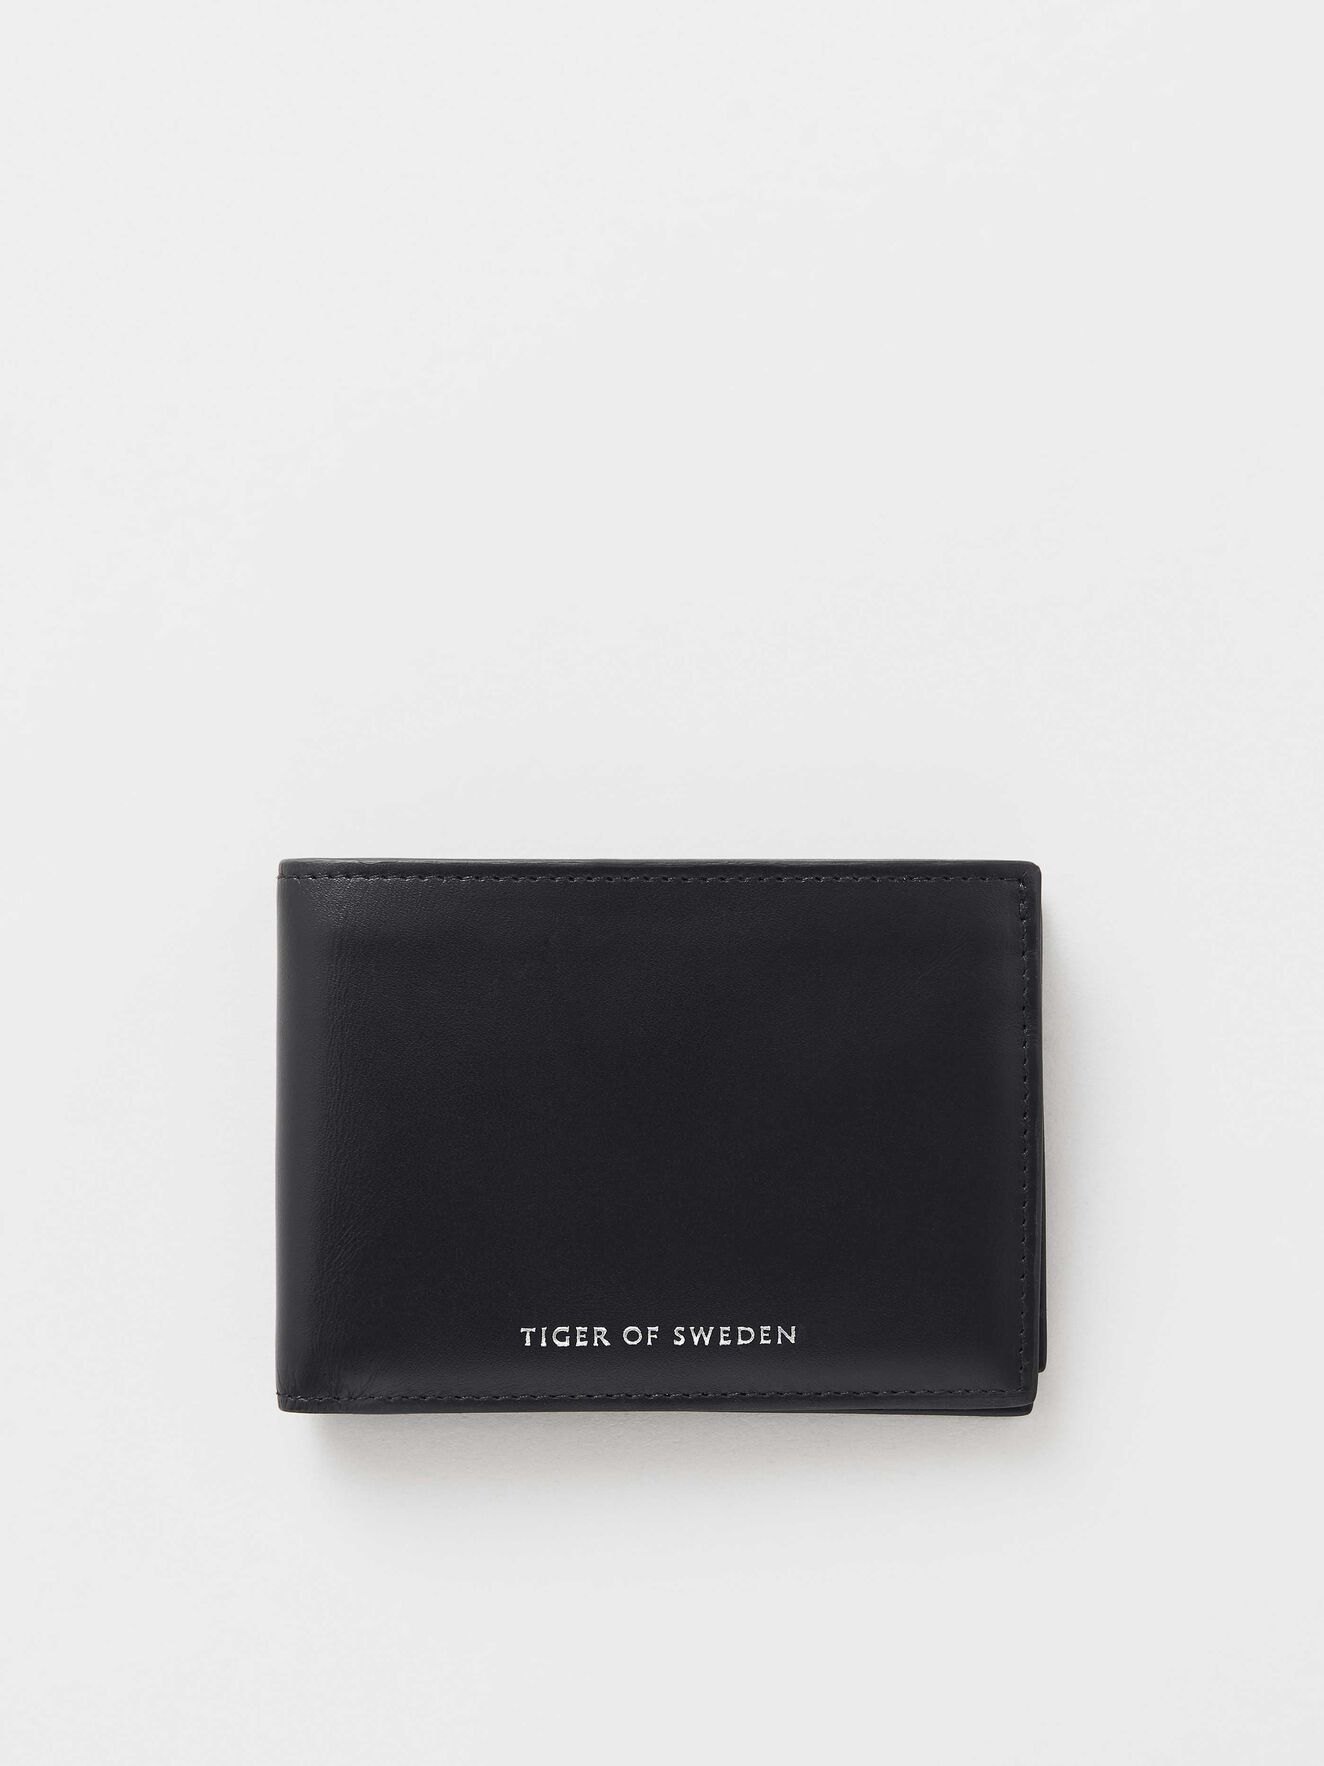 3dea9128a0c46 Wallets - Buy leather designer wallets online at Tiger of Sweden